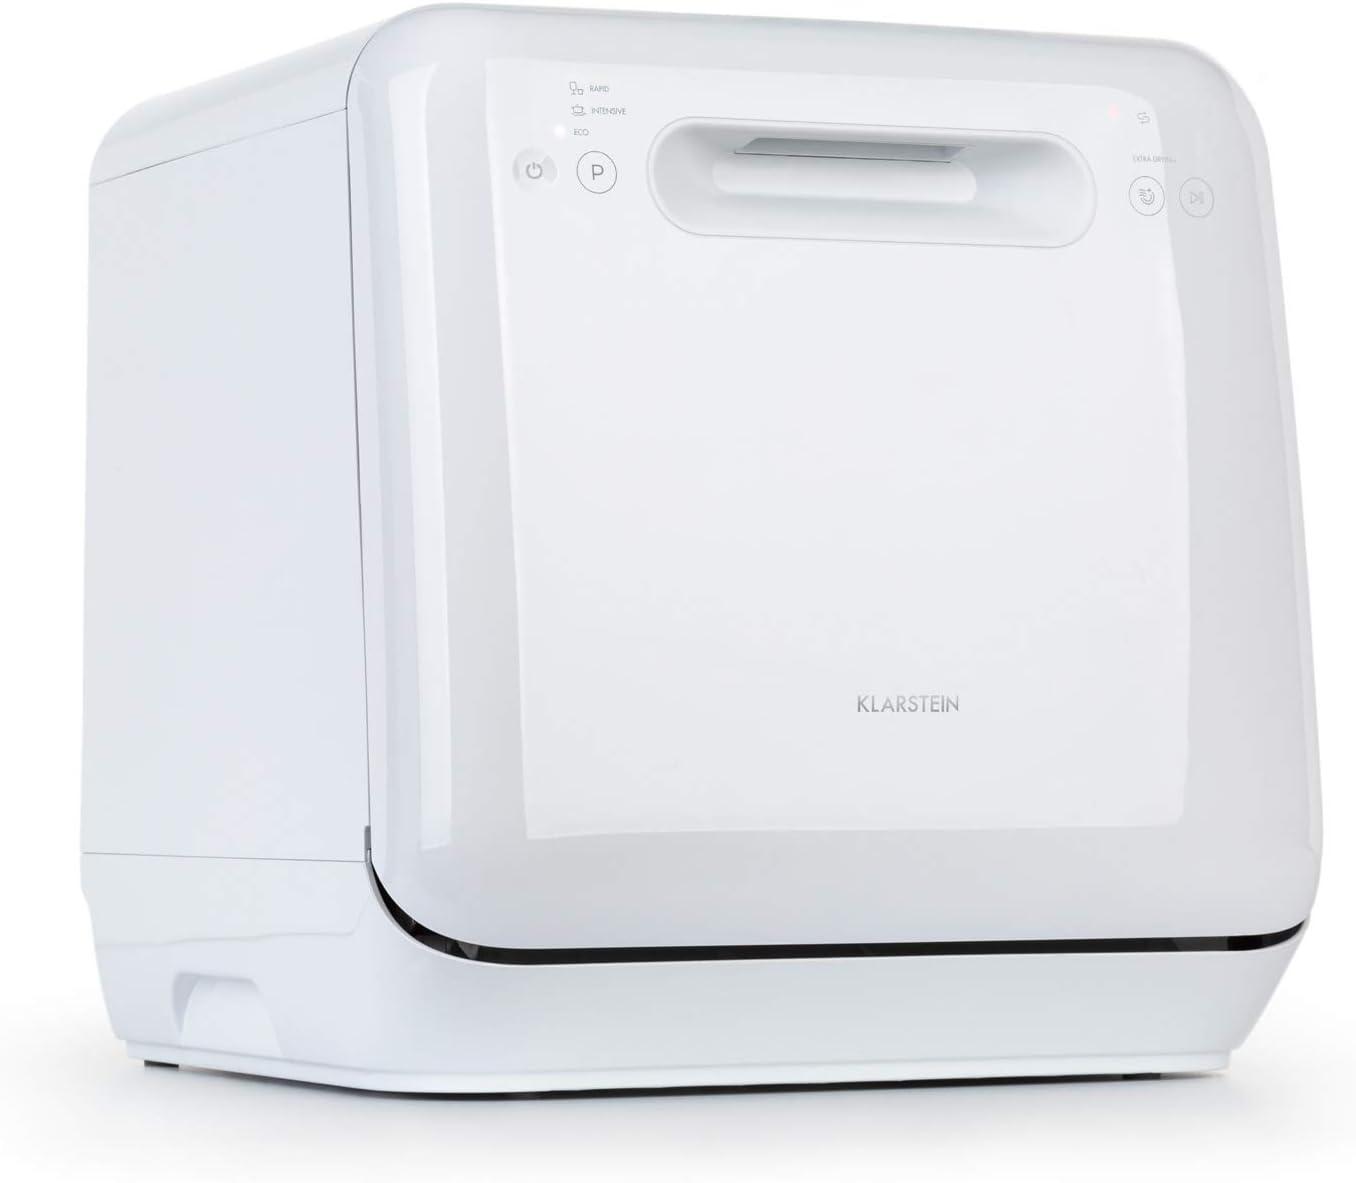 Klarstein Aquatica minilavavajillas - clase A, 125 kWh/año, 2 Maßgedecke, aislado, sin instalación, lavado a 360°, 3 programas, Touch Control, consumo de agua de 5 litros, blanco